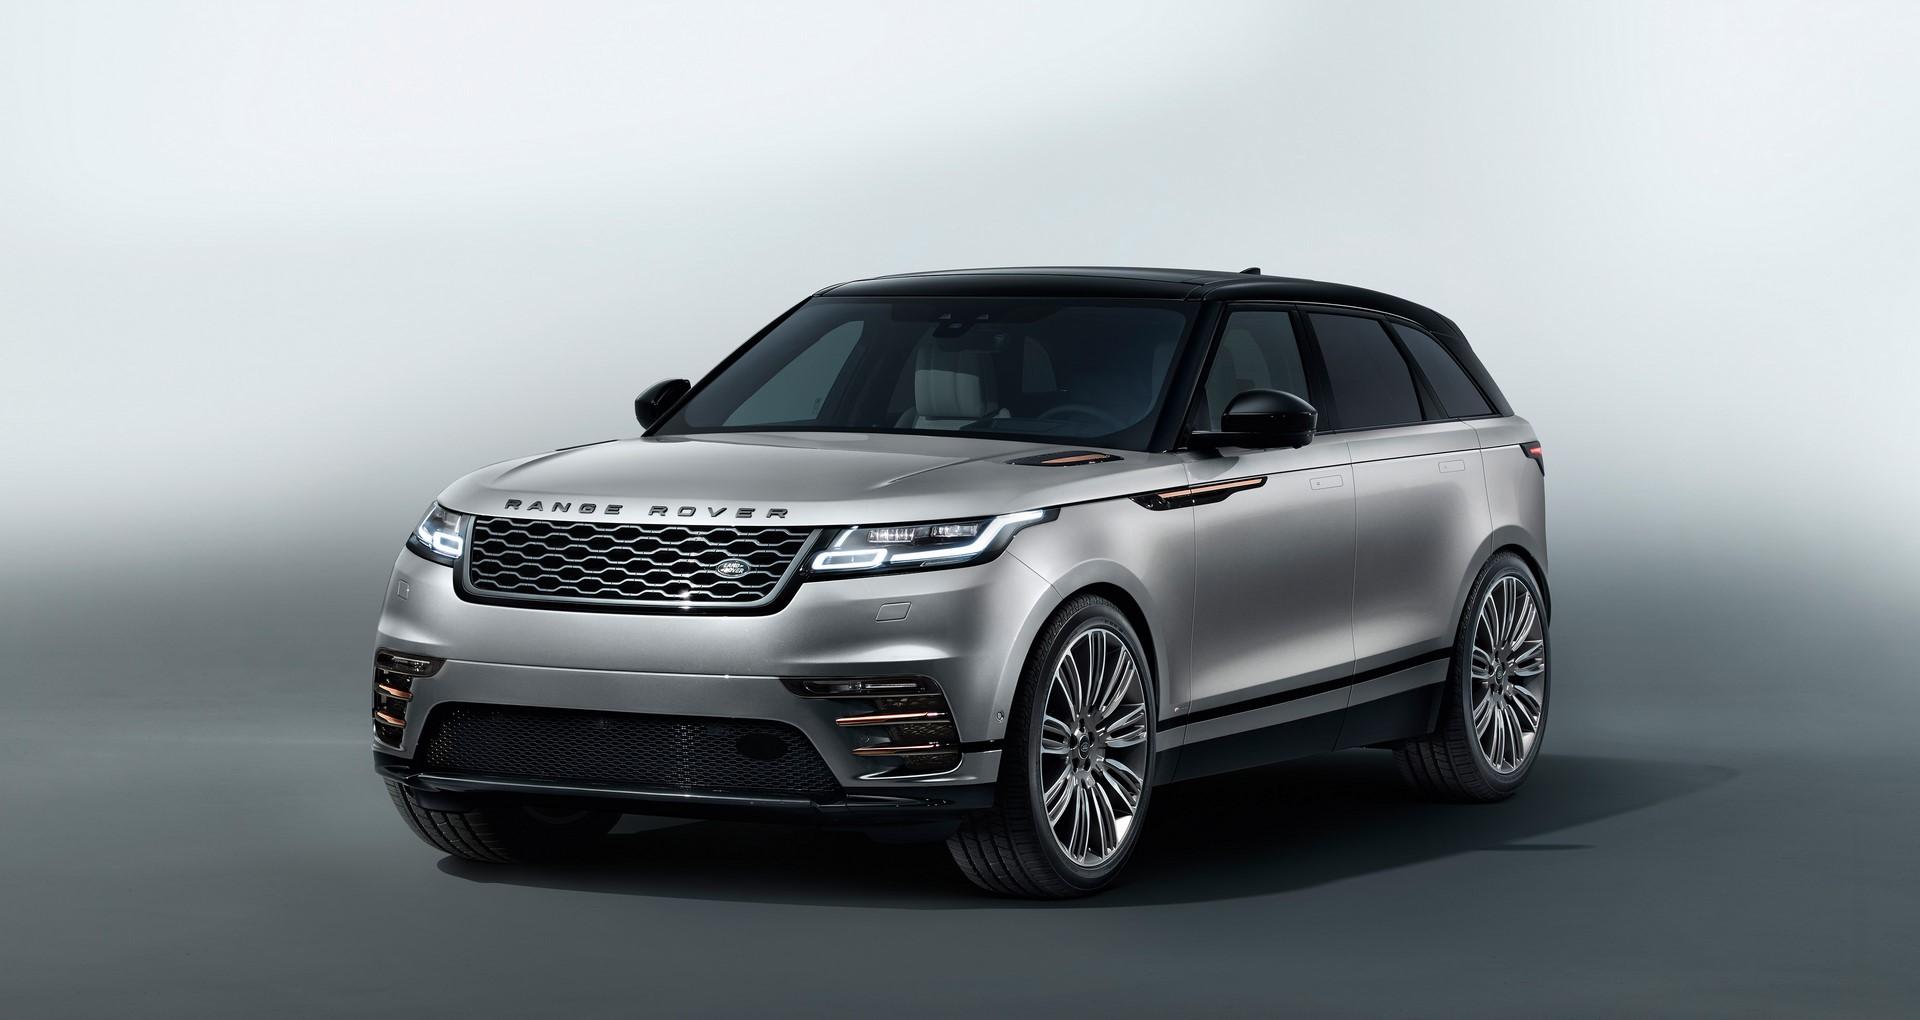 Range Rover Velar 2017 (14)